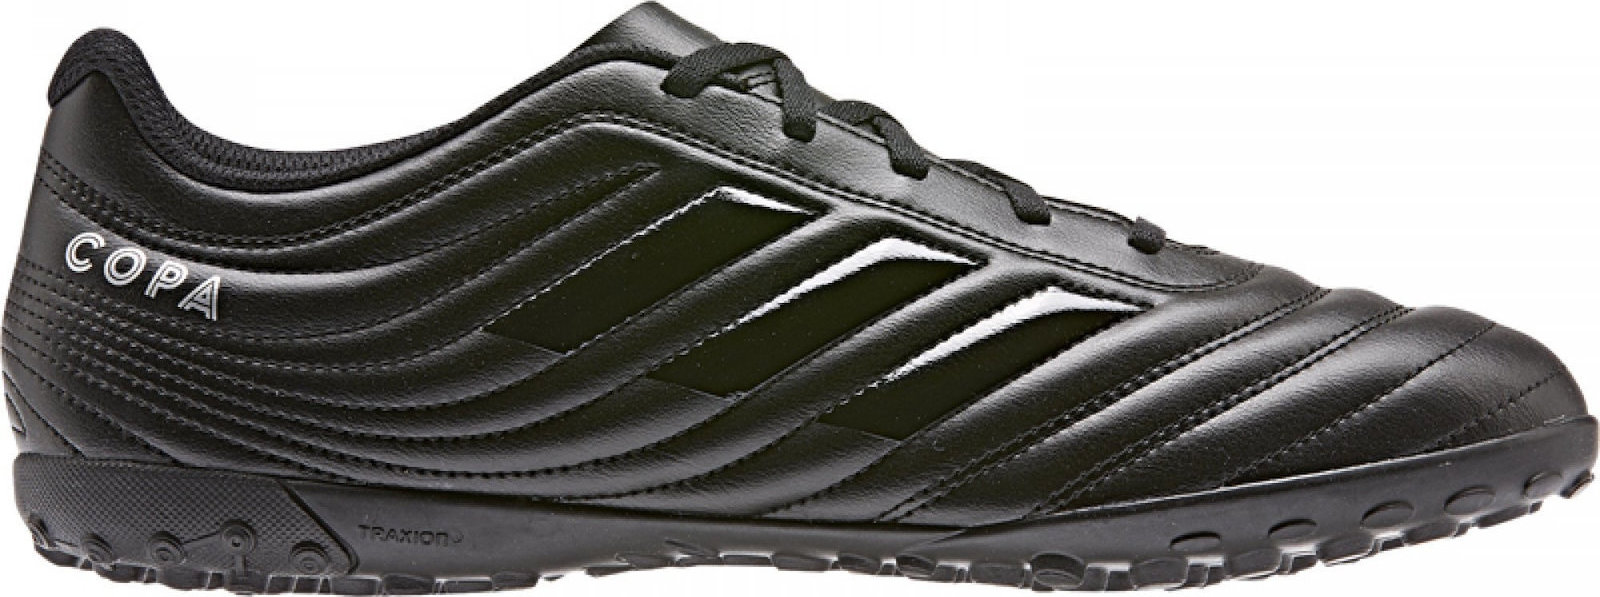 נעלי אדידס קטרגל גברים Adidas Copa 19.4 TF